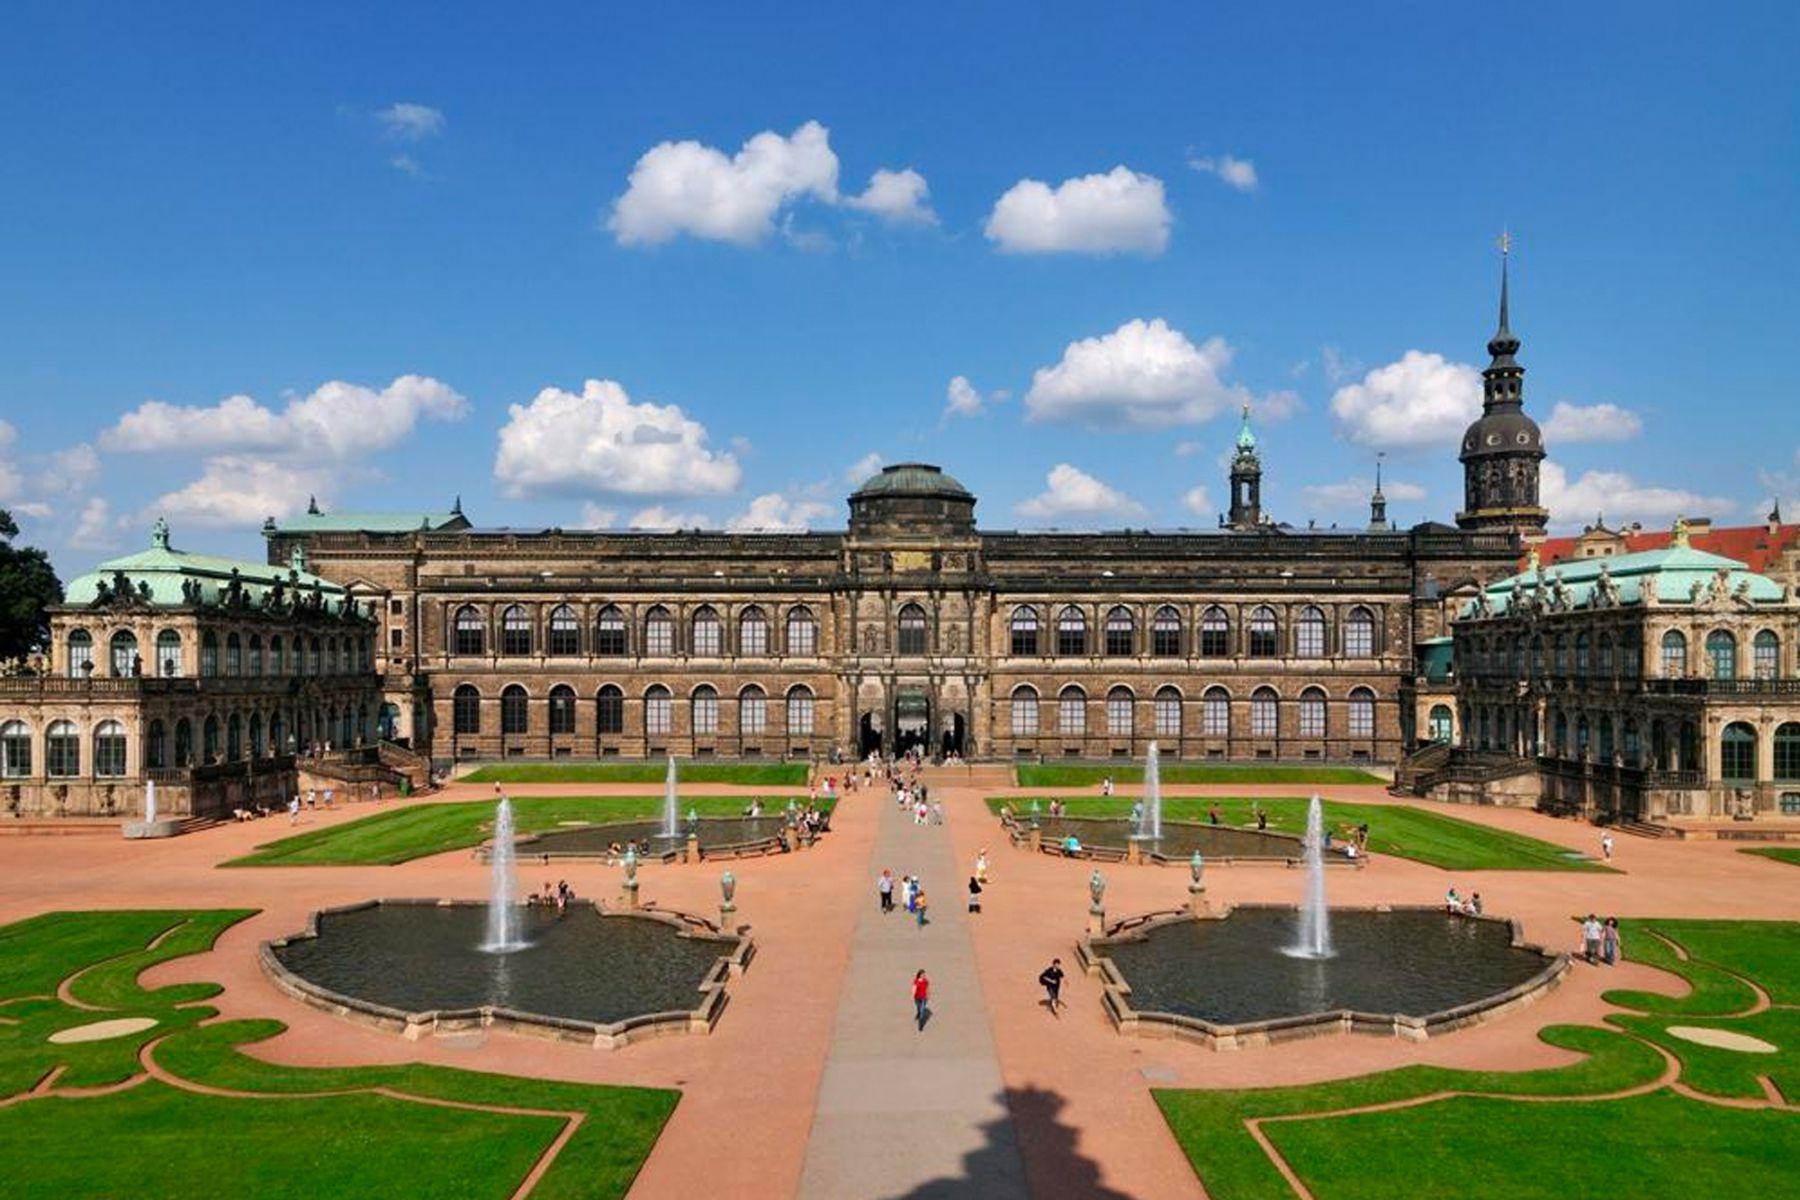 Het Gemäldegalerie Alte Meister